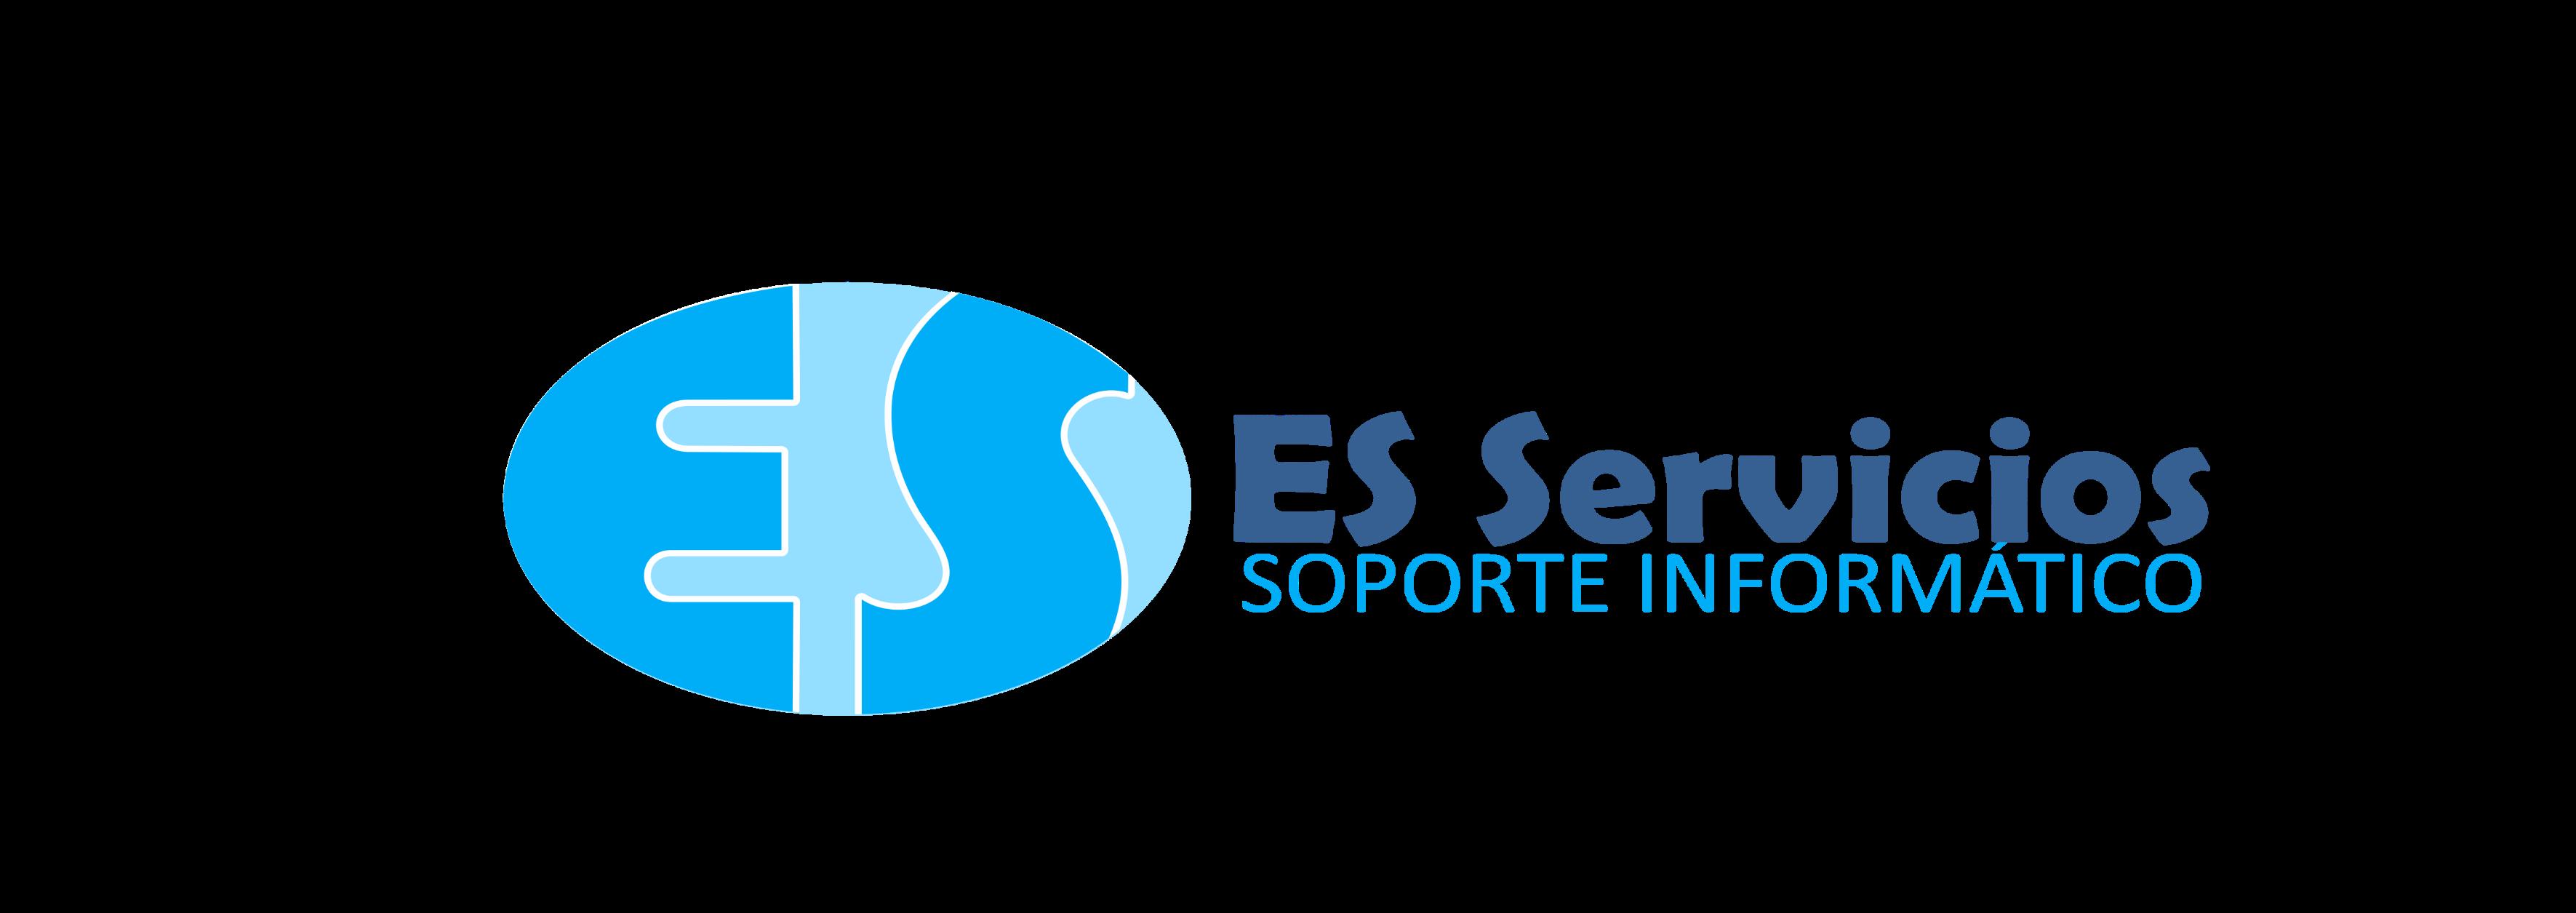 ES Servicios - Soporte Informáticos